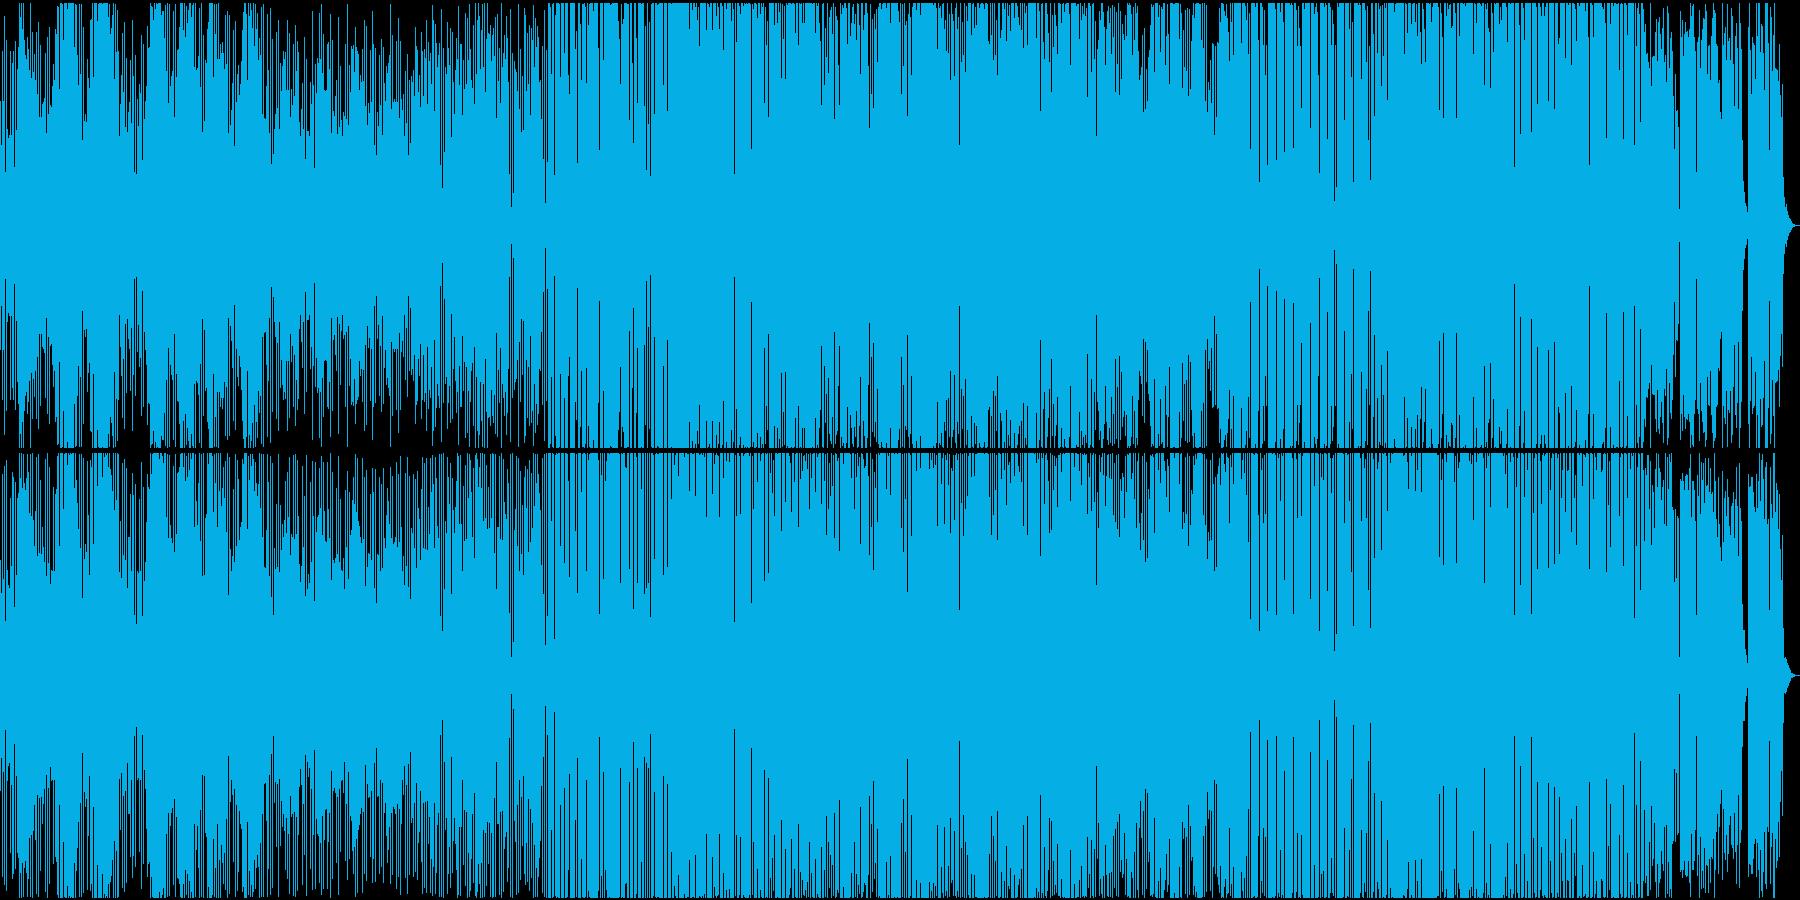 ボーカルトラック有のエンディング風BGMの再生済みの波形